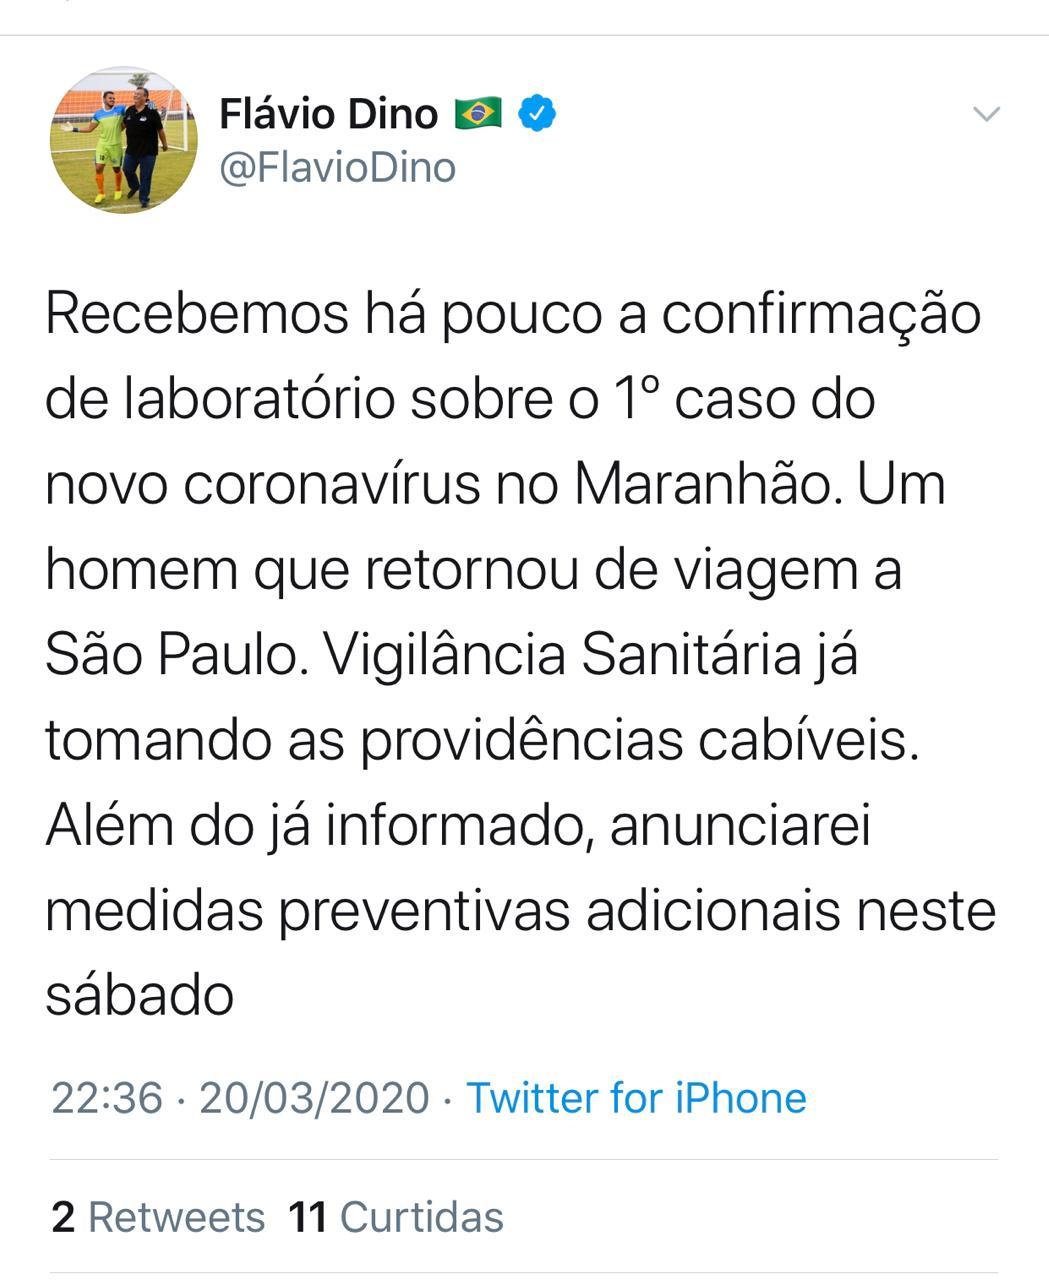 URGENTE! Flavio Dino confirma o primeiro caso do novo coronavírus no Maranhão